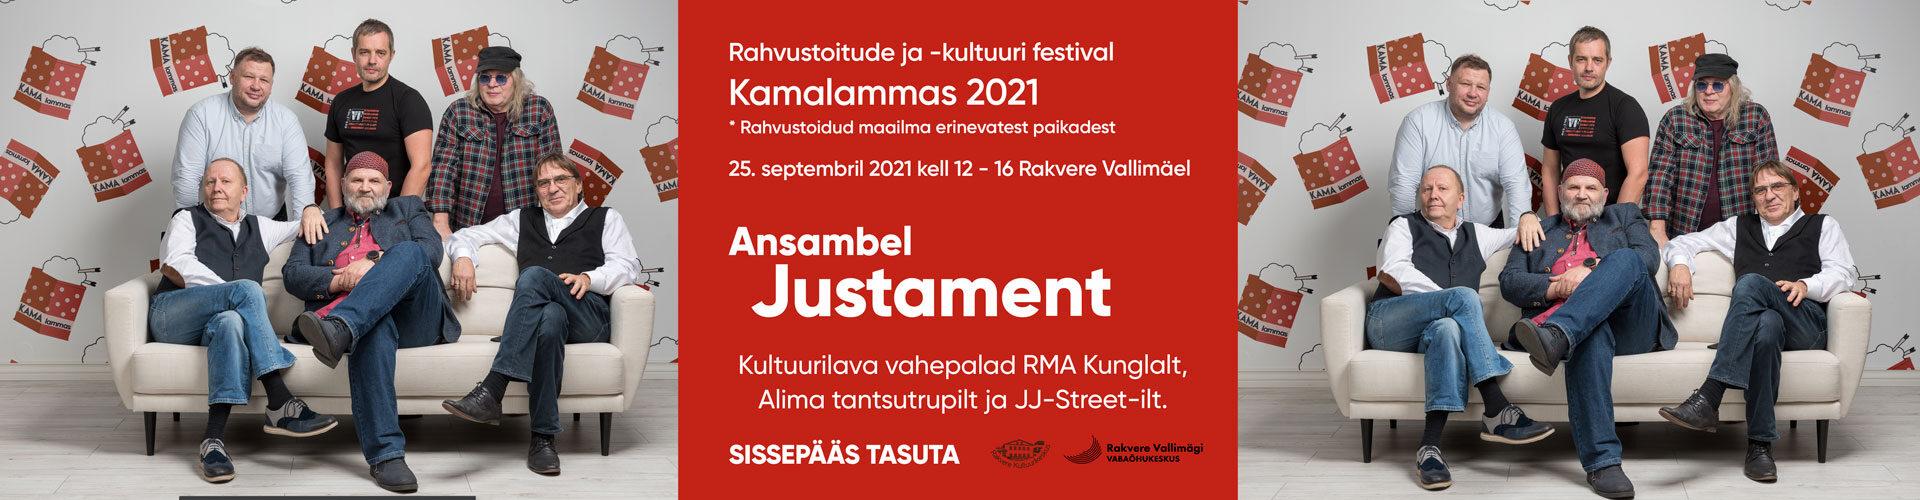 Kamalammas 2021